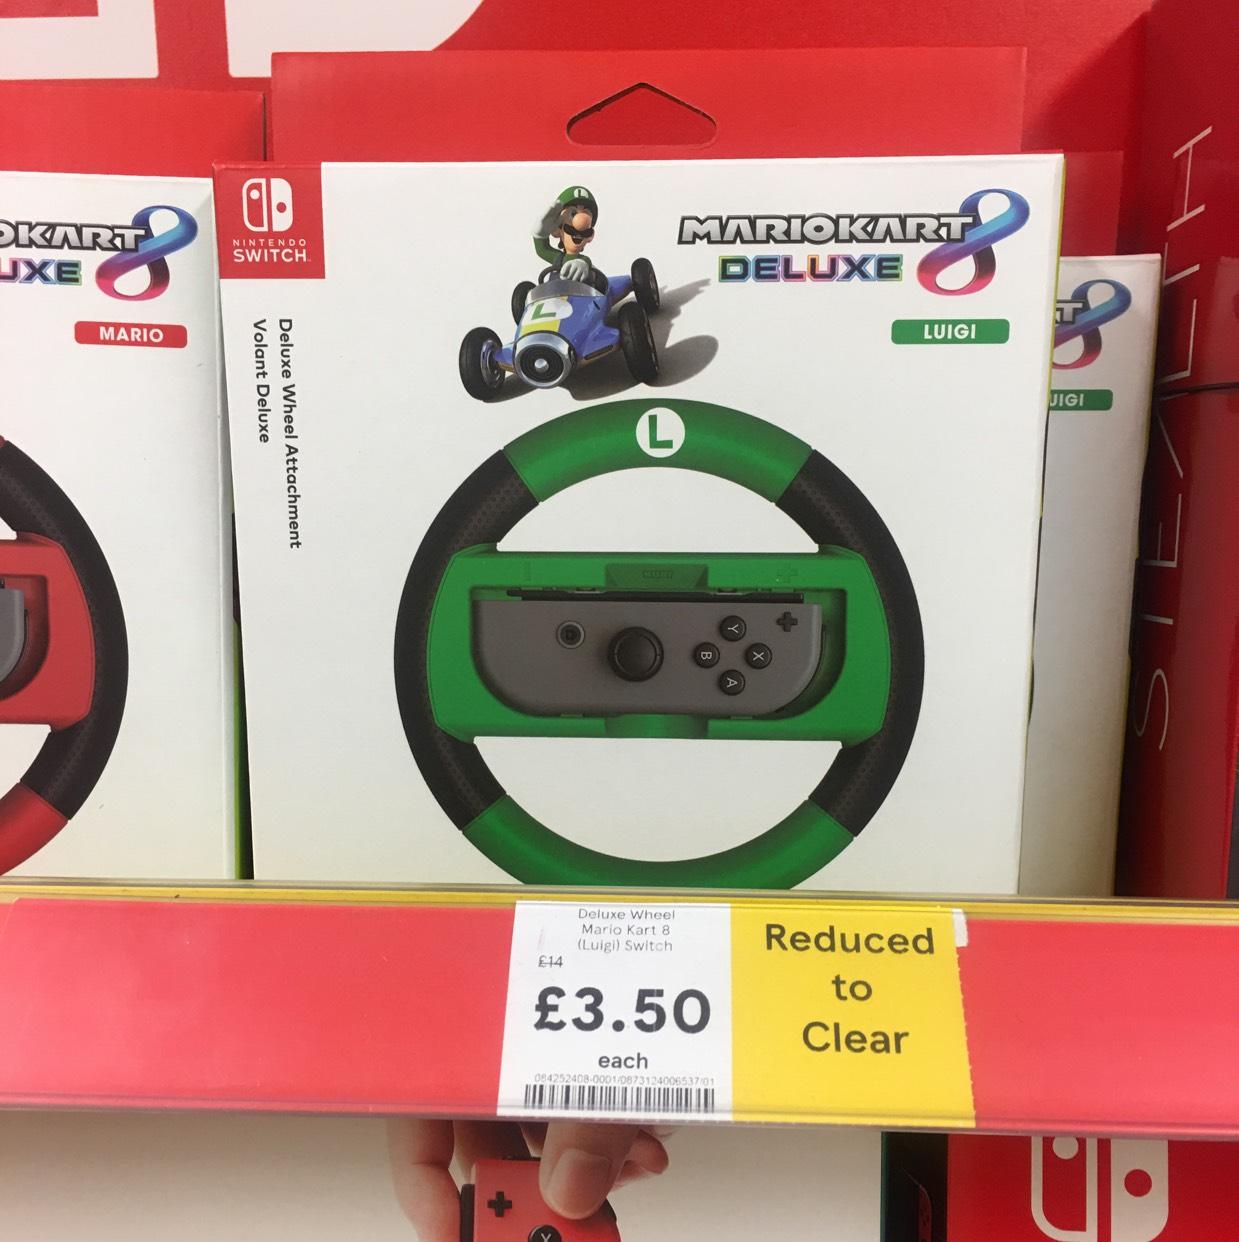 Mario kart 8 deluxe wheels (Nintendo Switch) £3.50 @ Tesco (Greenstead)